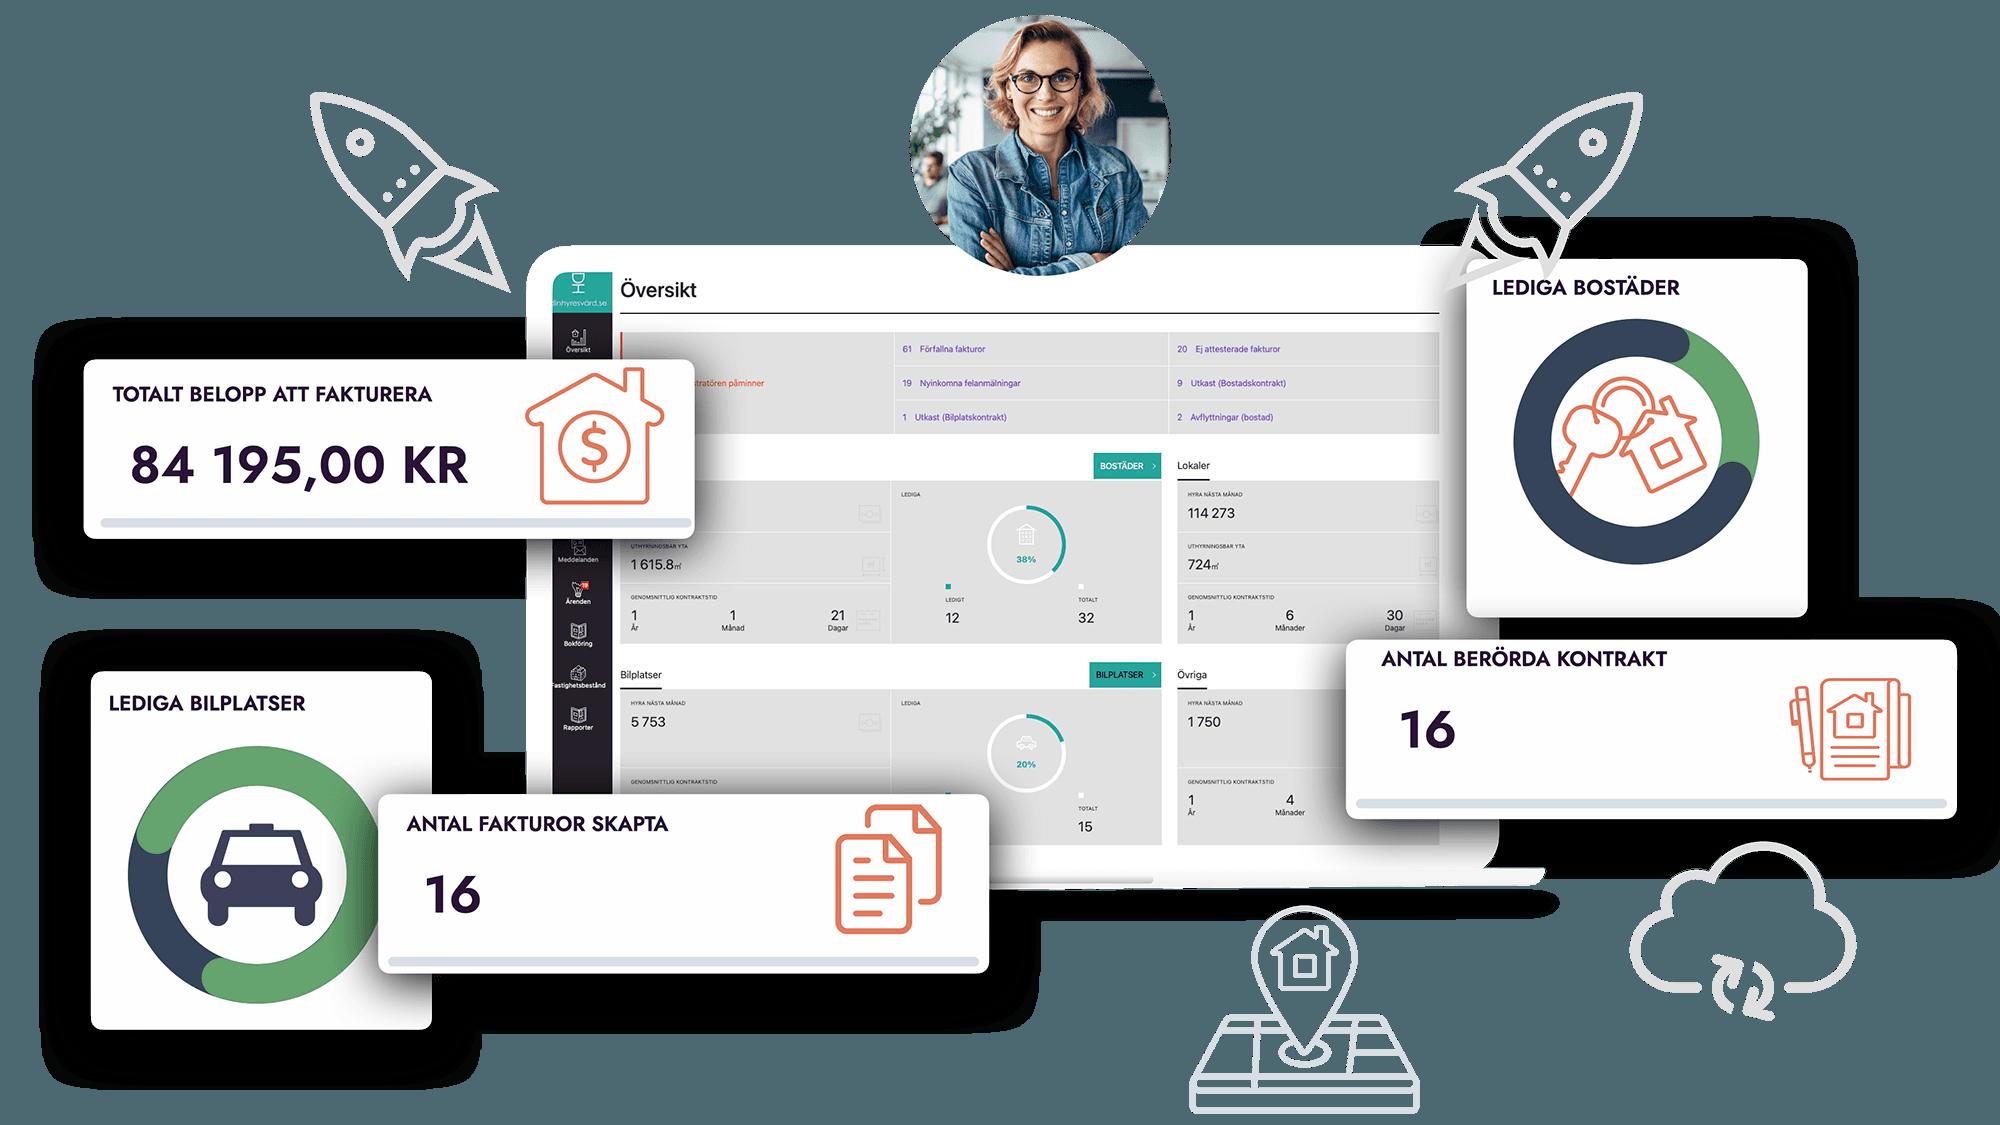 webbaserat-fastighetssystem2021_2